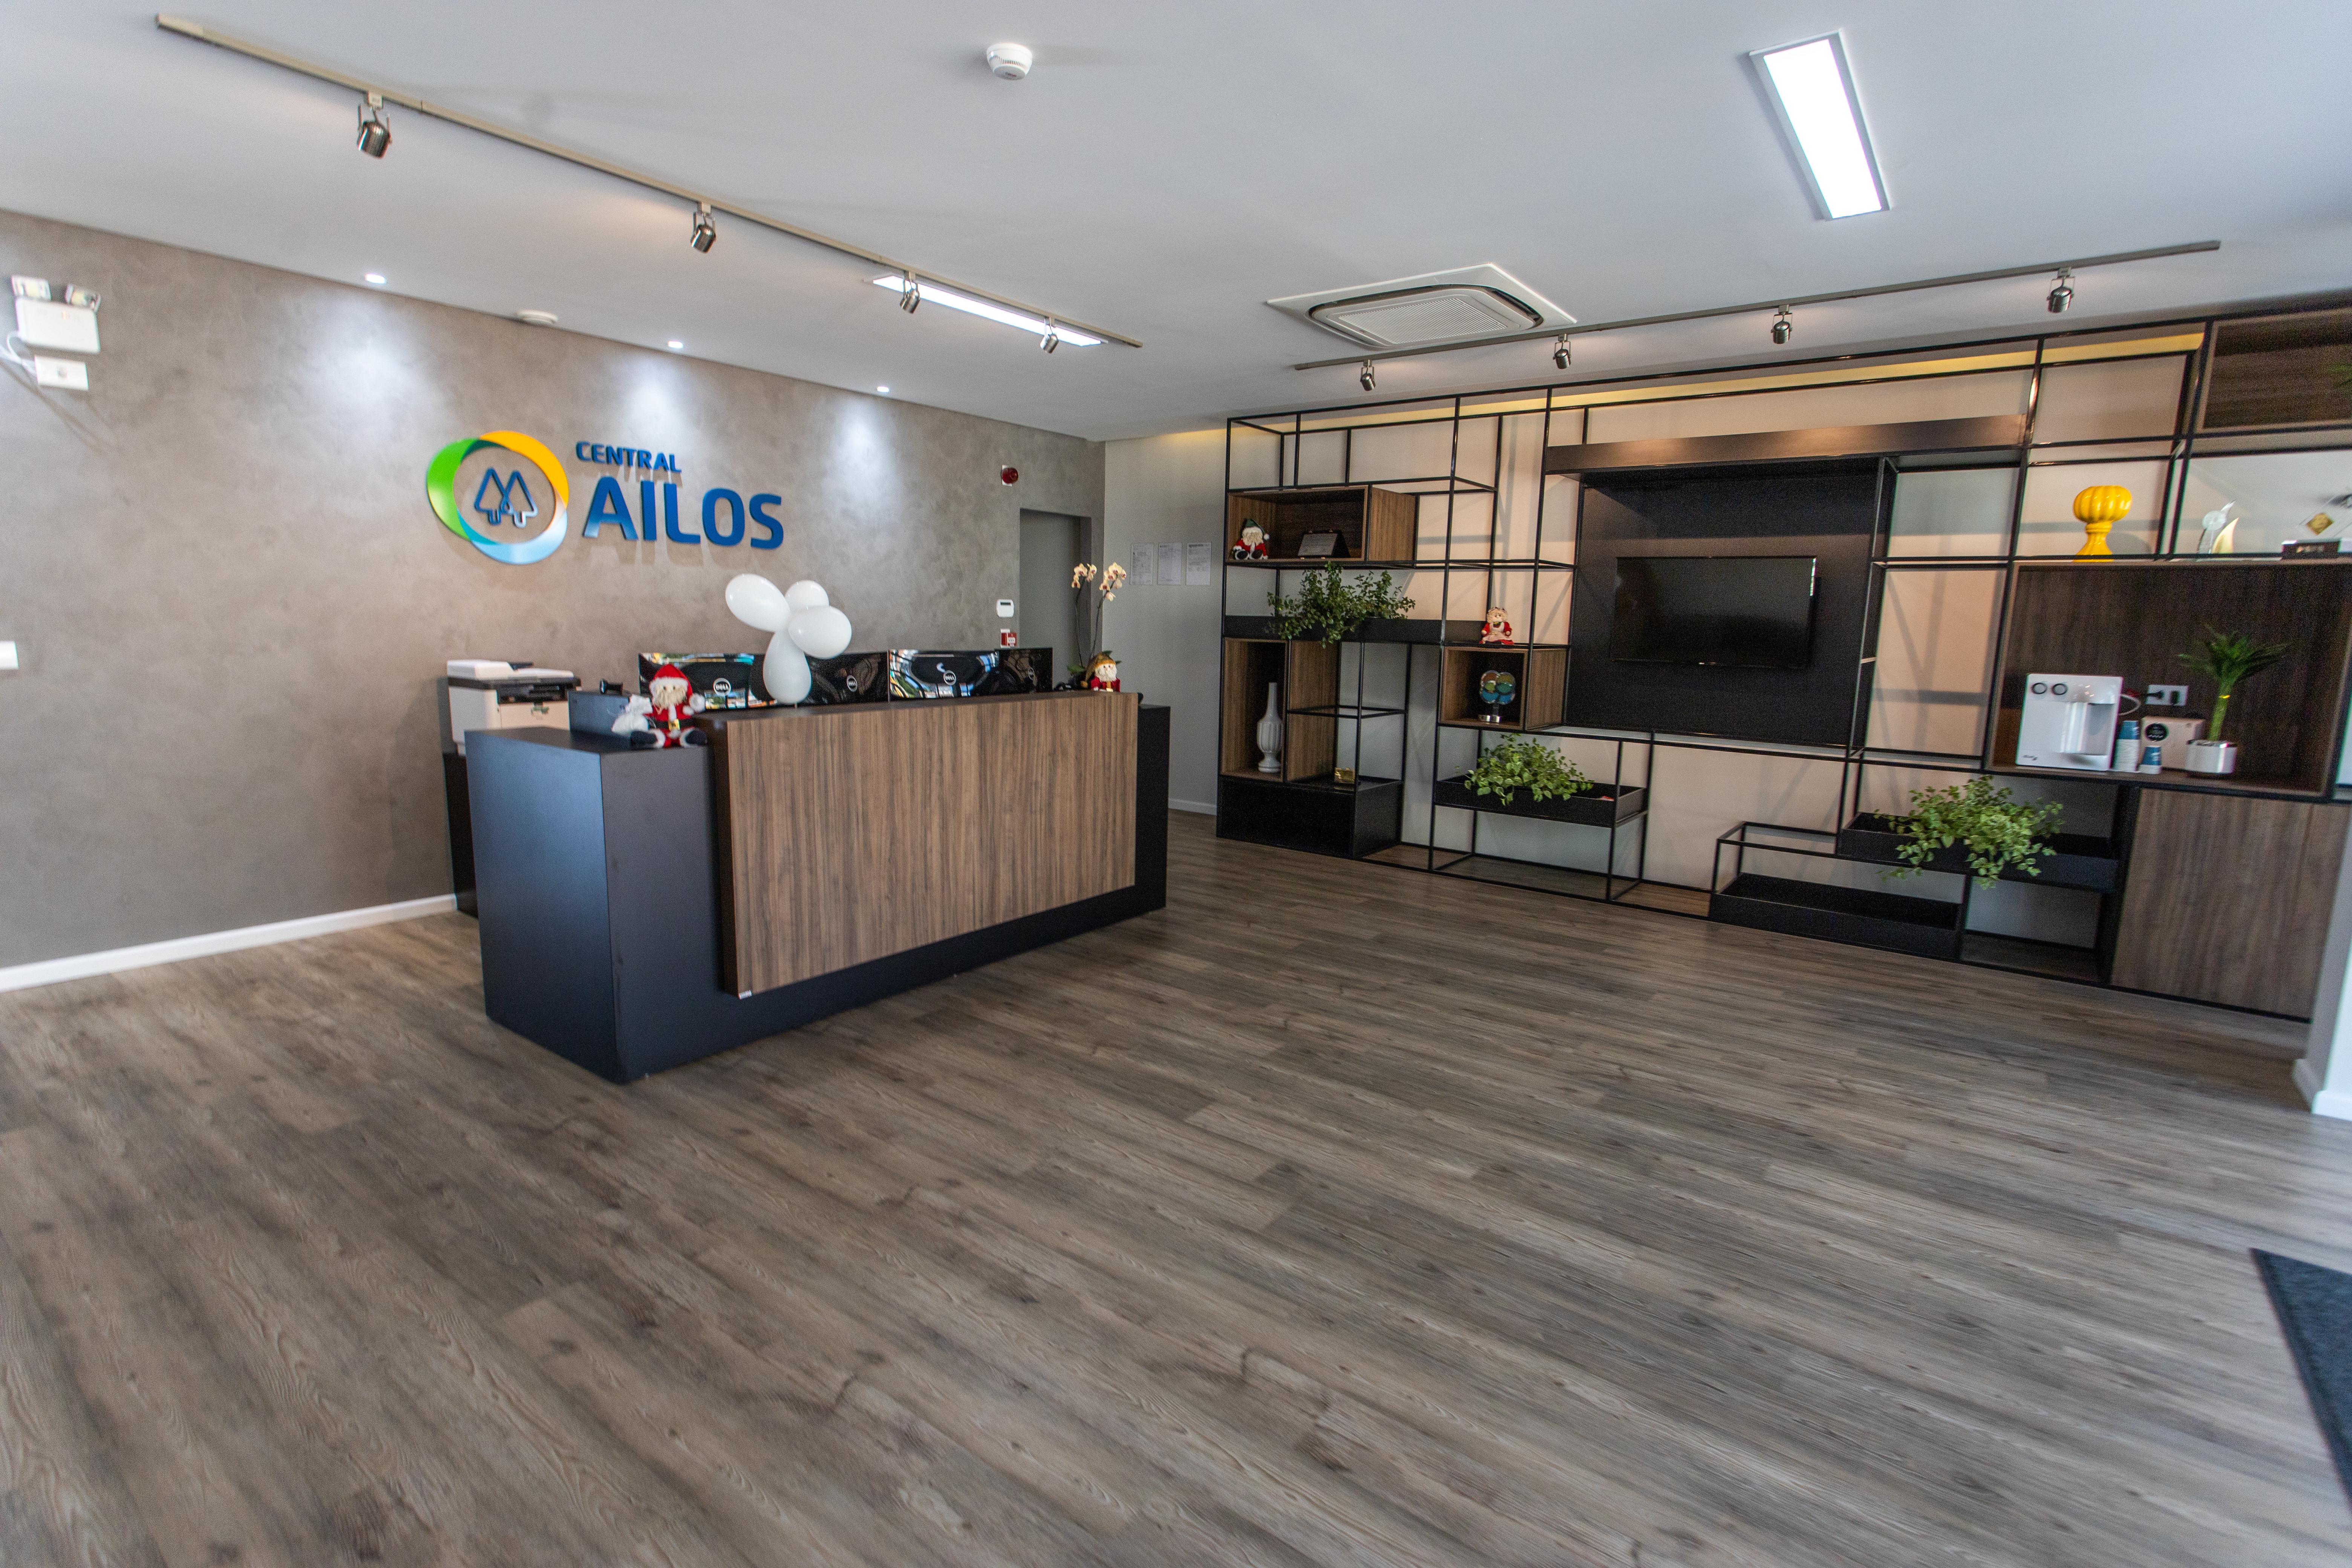 Linhas Square e Desso/ Cores: 24025673 e 711452002/ Projeto: Central Ailos